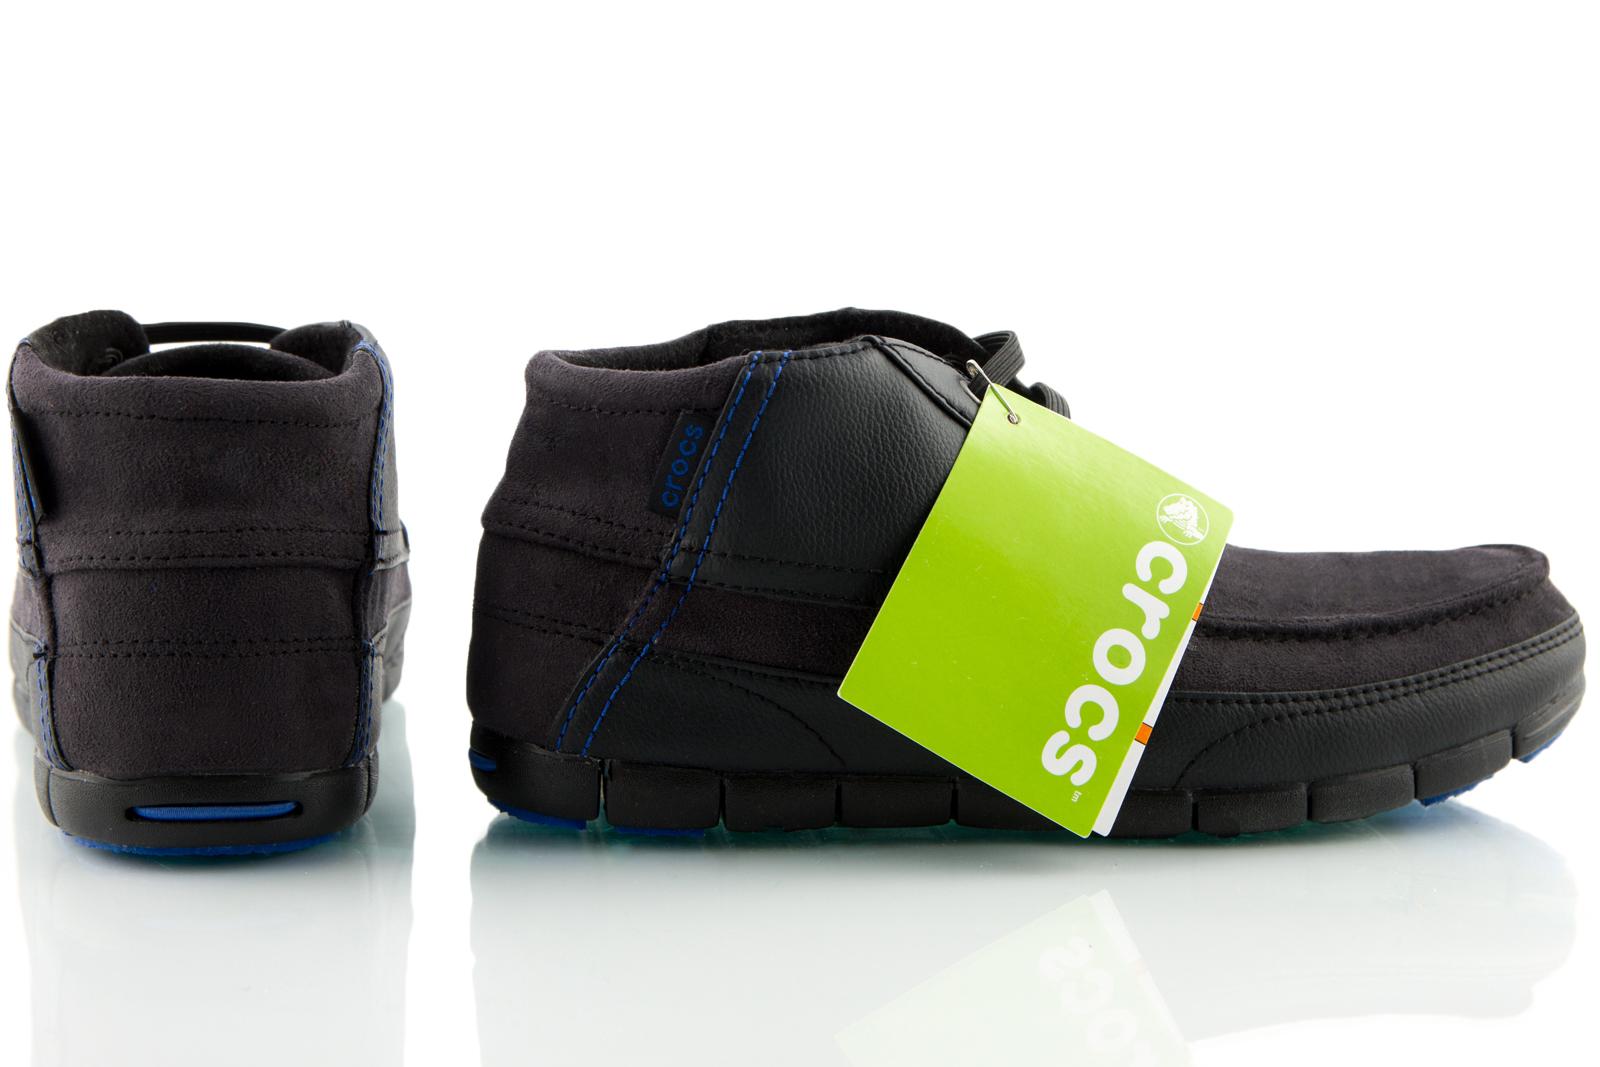 Zjednoczone Królestwo gorąca wyprzedaż różne kolory Buty CROCS STRETCH męskie WYPRZEDAŻ r M8 41-42